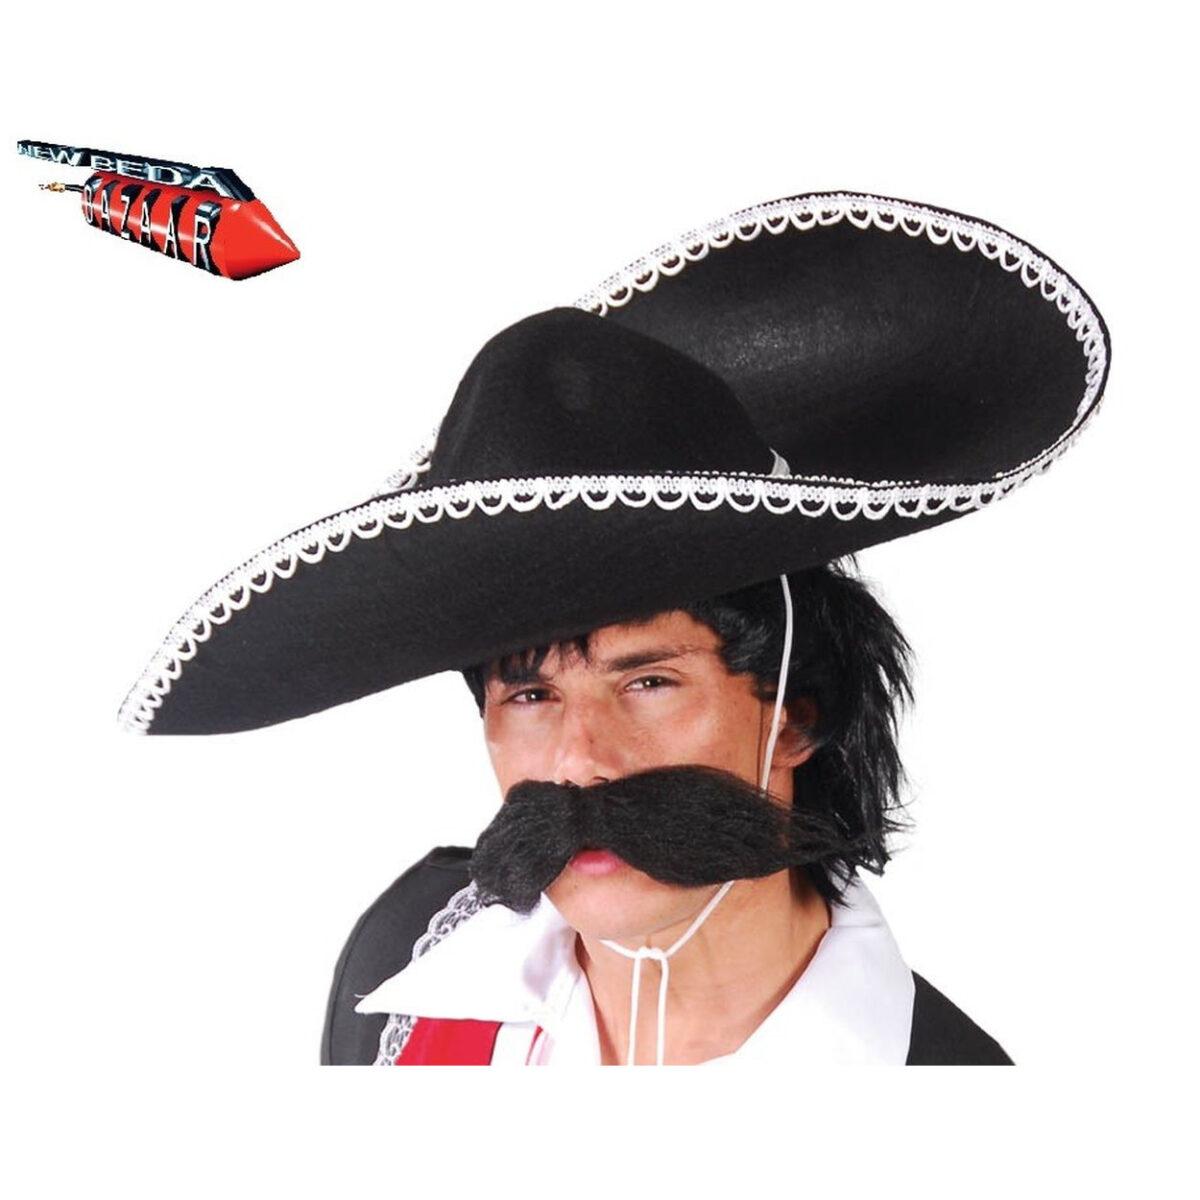 Sombrero messicano